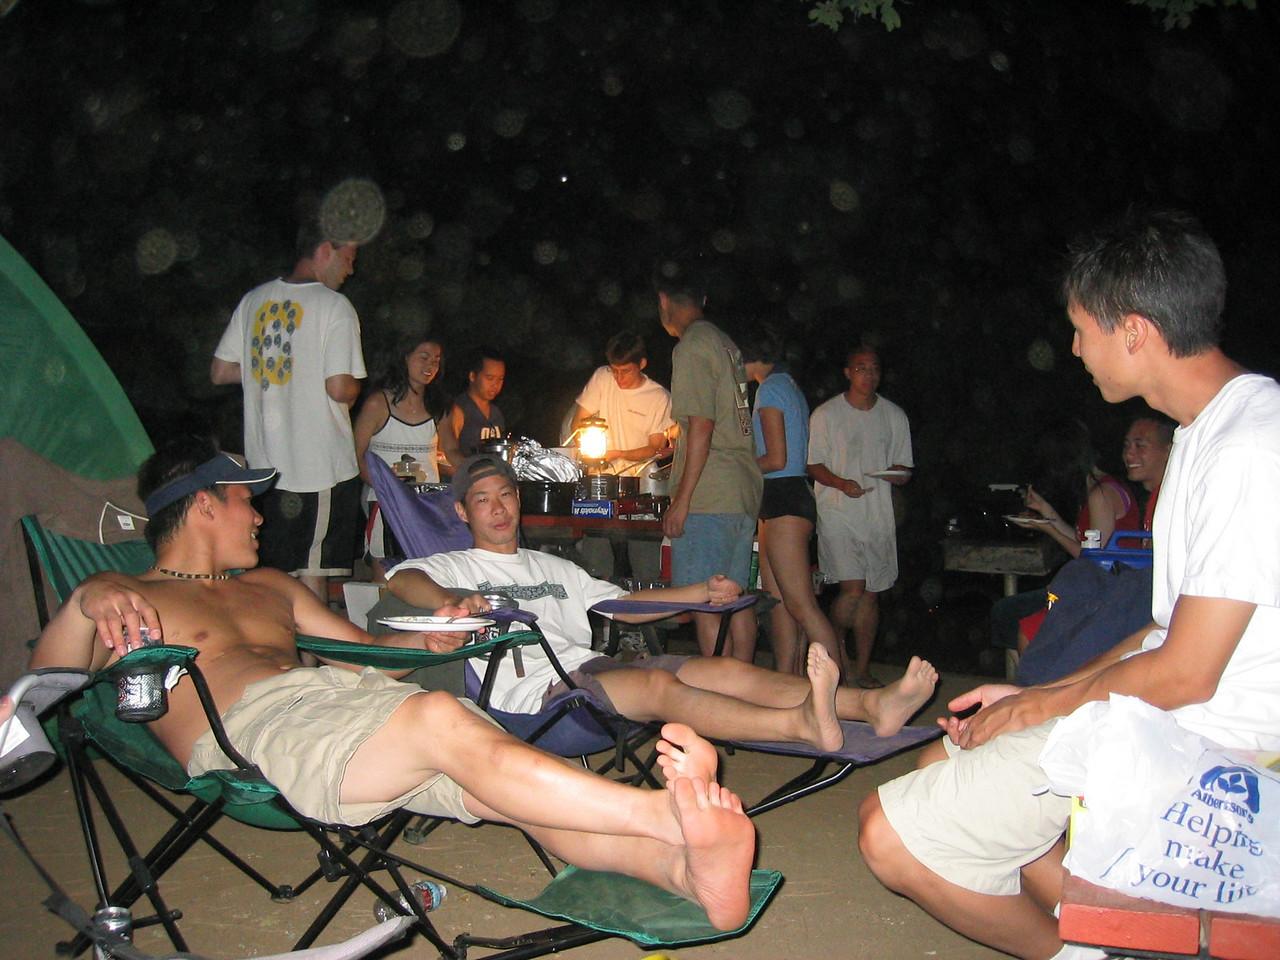 2003 08 16 Saturday - Lake Berryessa Trip, Johnny Lin, Joe Sun, Dave Lee et  al  at campsite